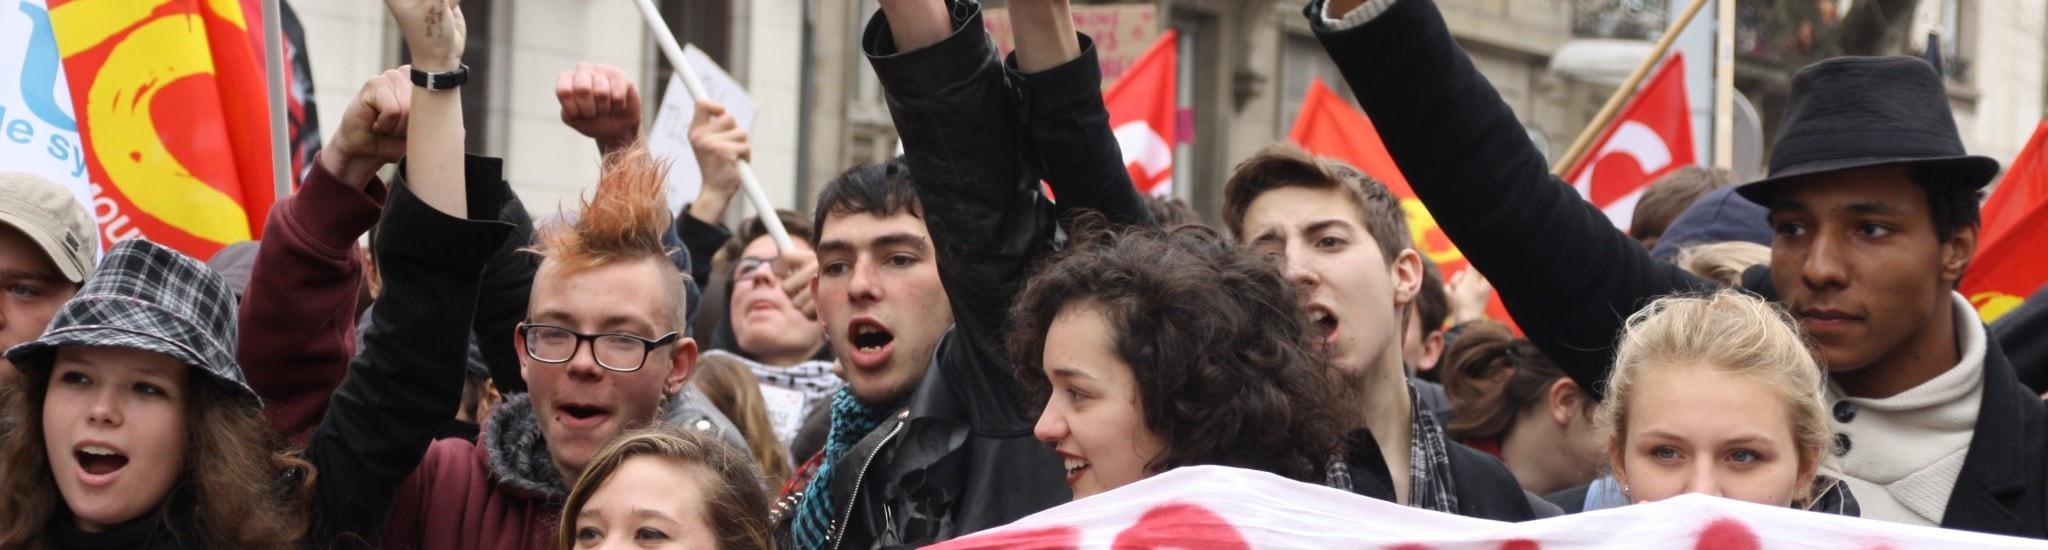 Plus de 5 000 manifestants contre la «loi travail» : «l'heure de la révolte»